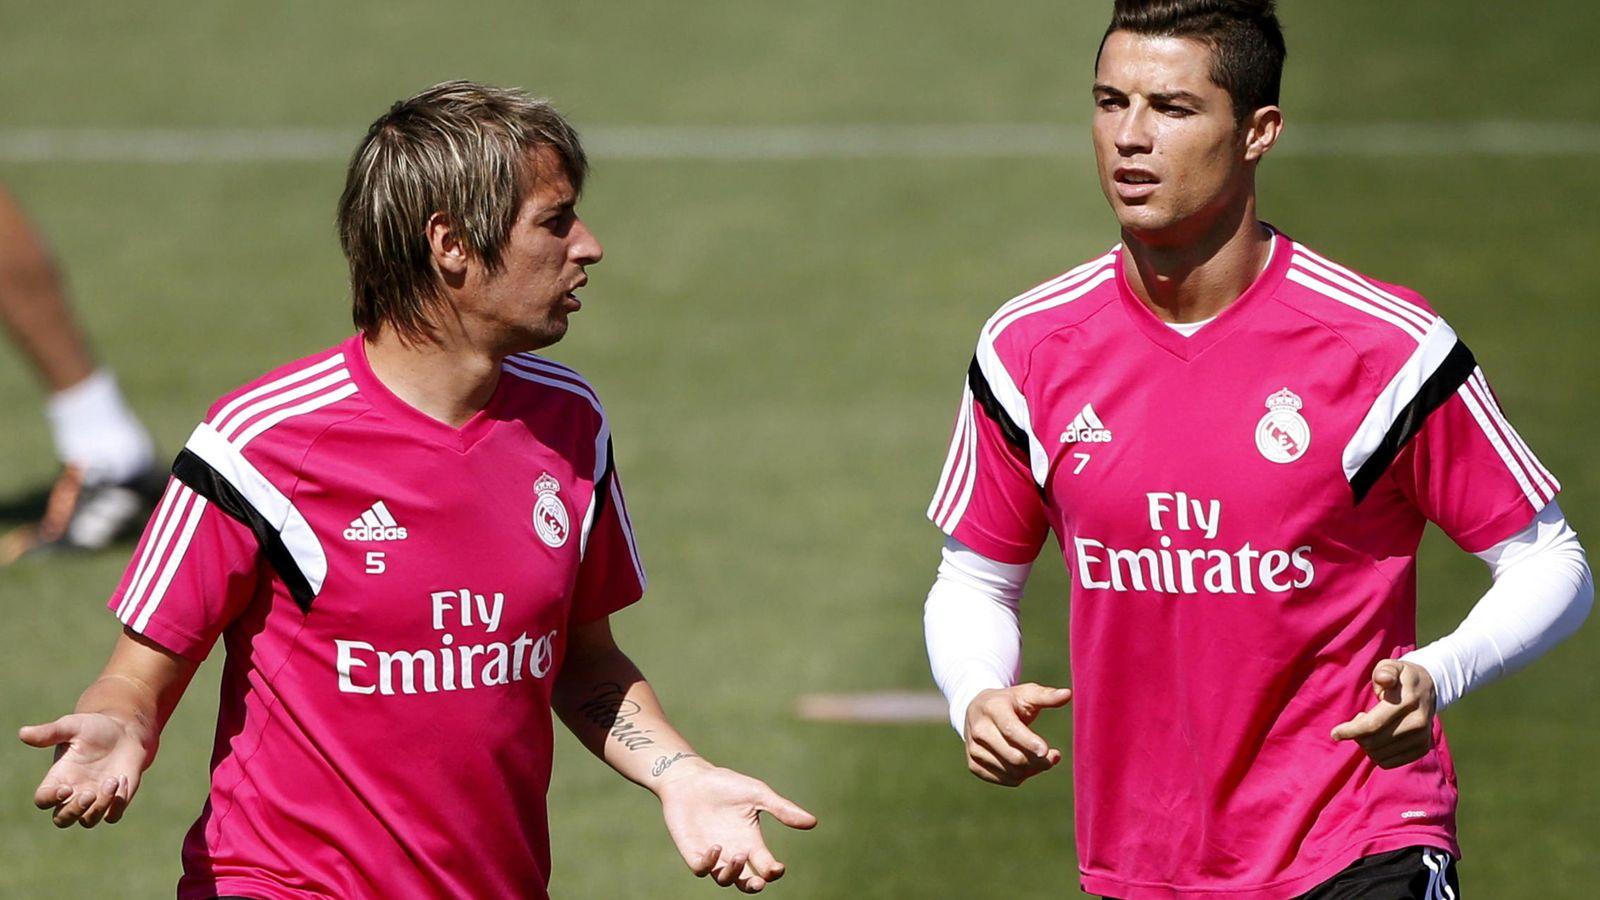 Foto: Fabio Coentrao junto a Cristiano Ronaldo, en un entrenamiento del Real Madrid el pasado septiembre. (EFE)